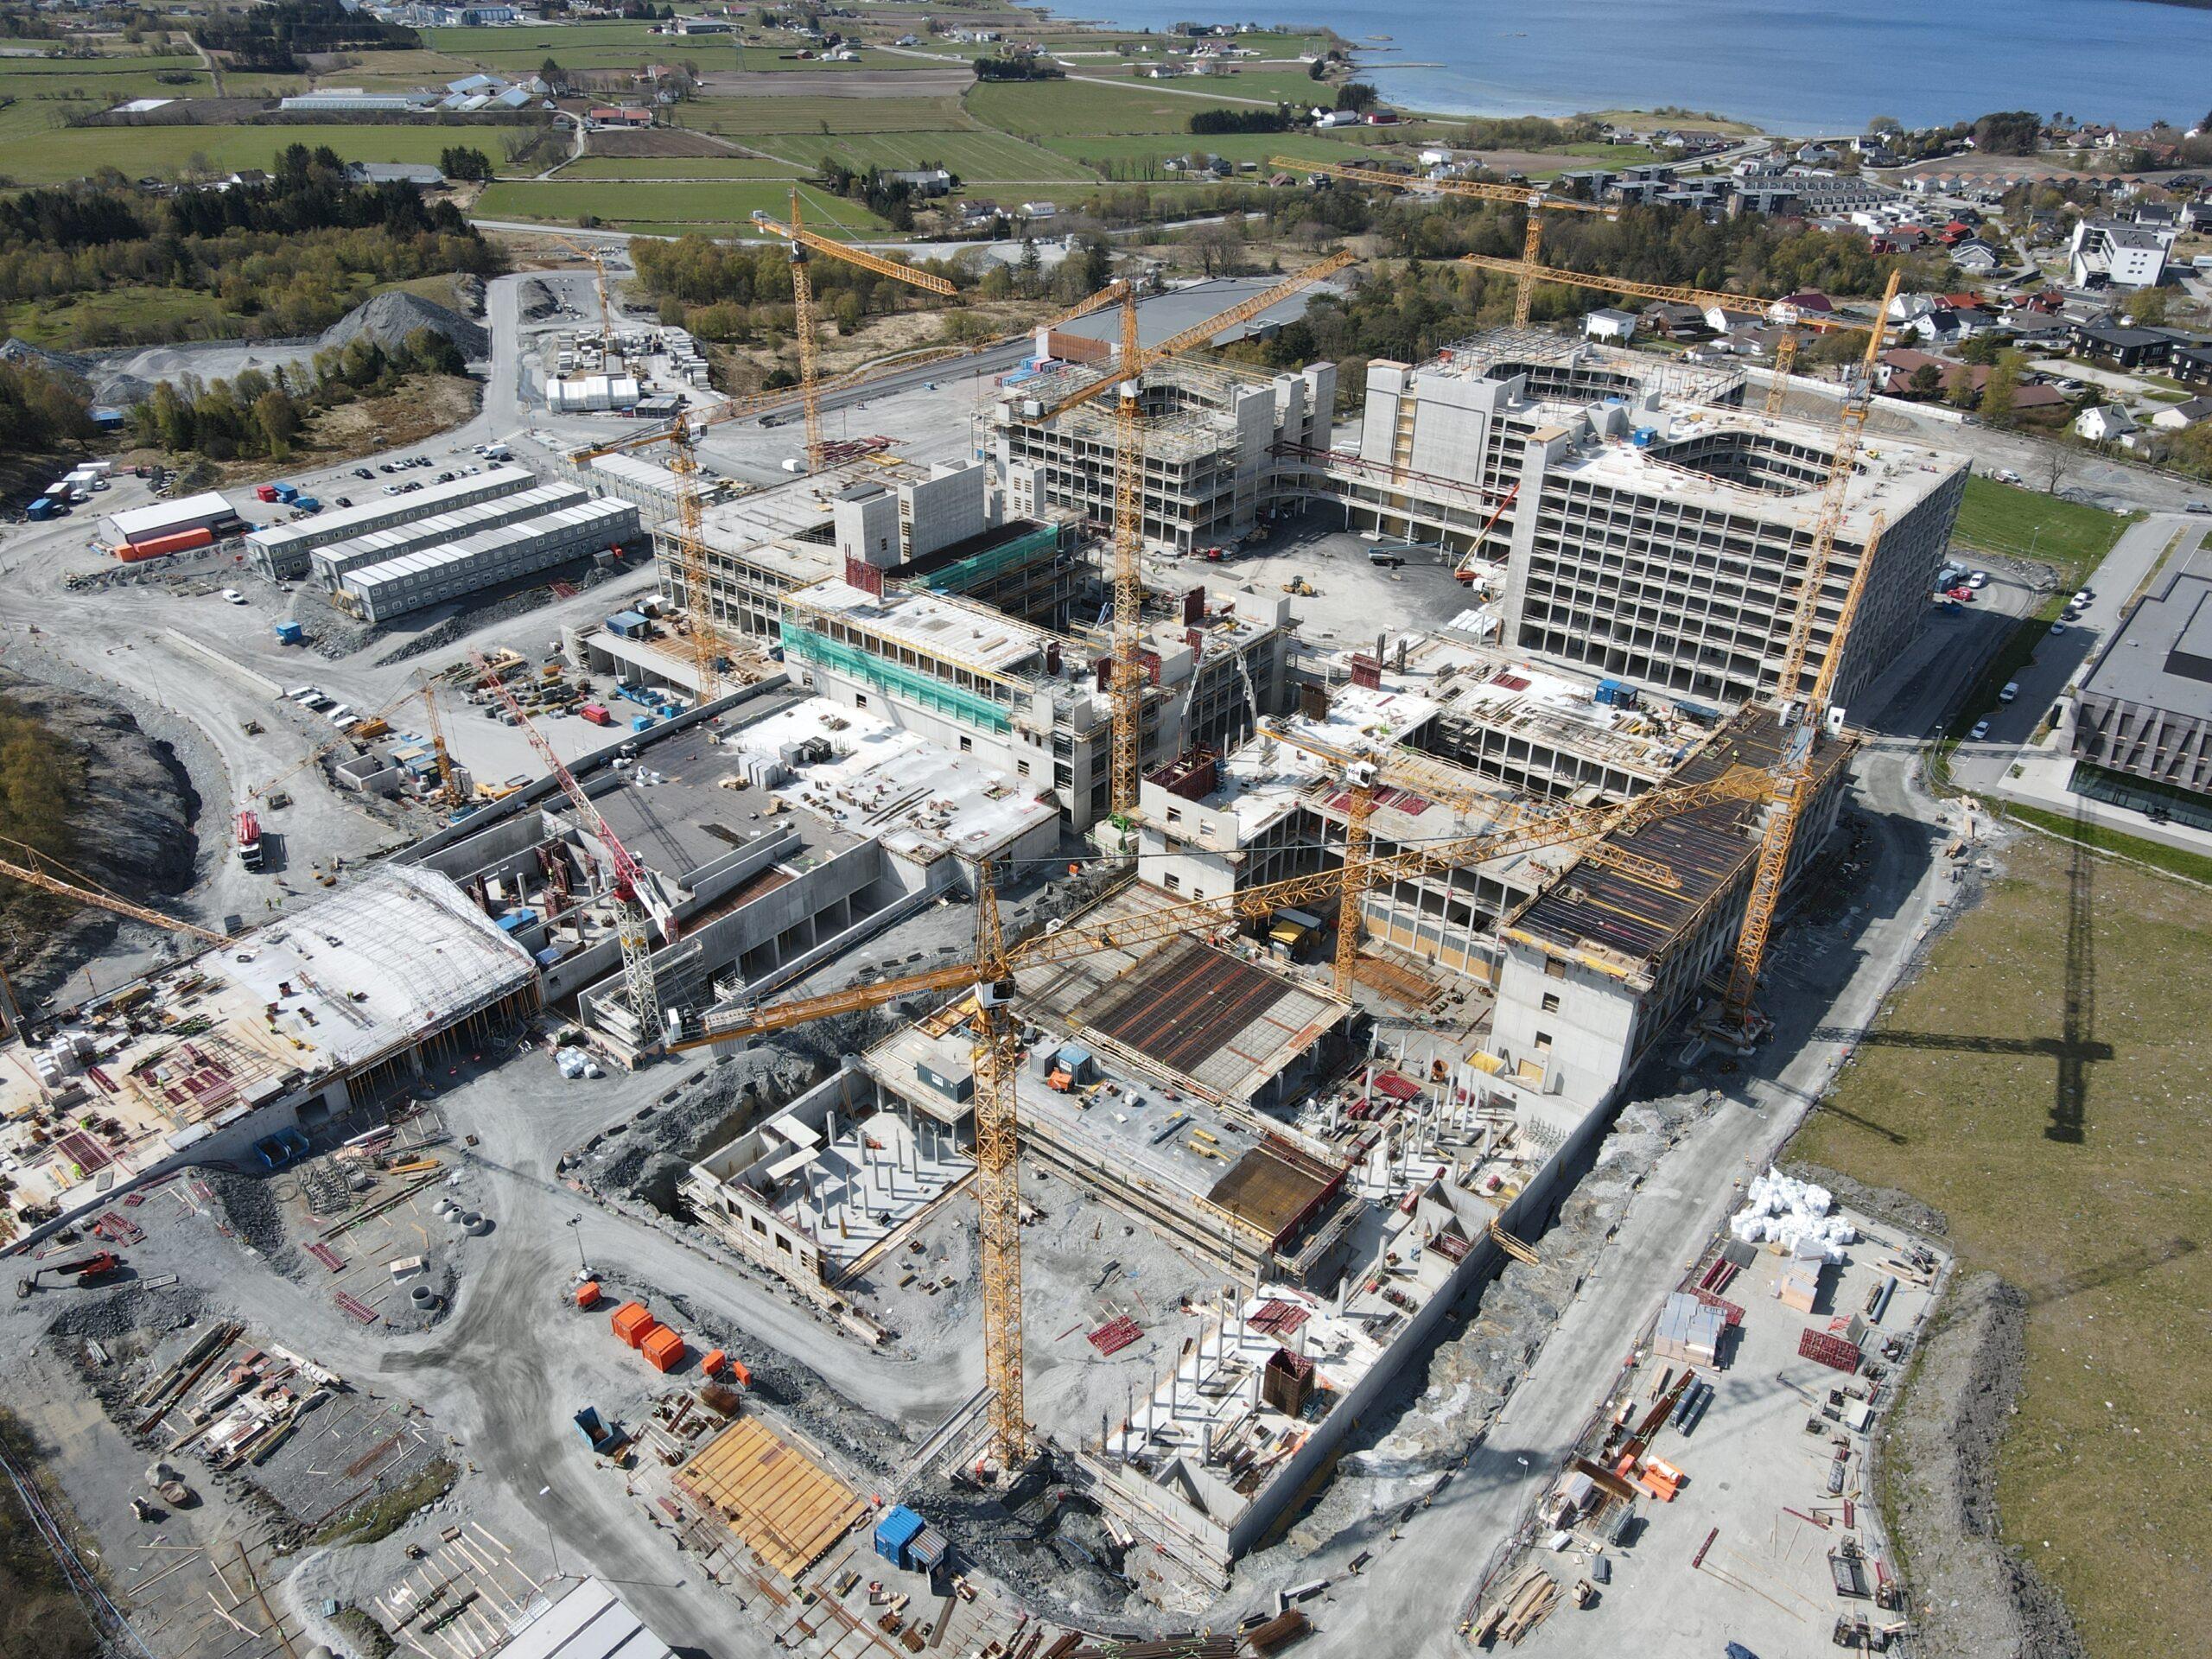 Oversiktsbilde over Norges største byggeplass, Nye Stavanger Universitetssykehus